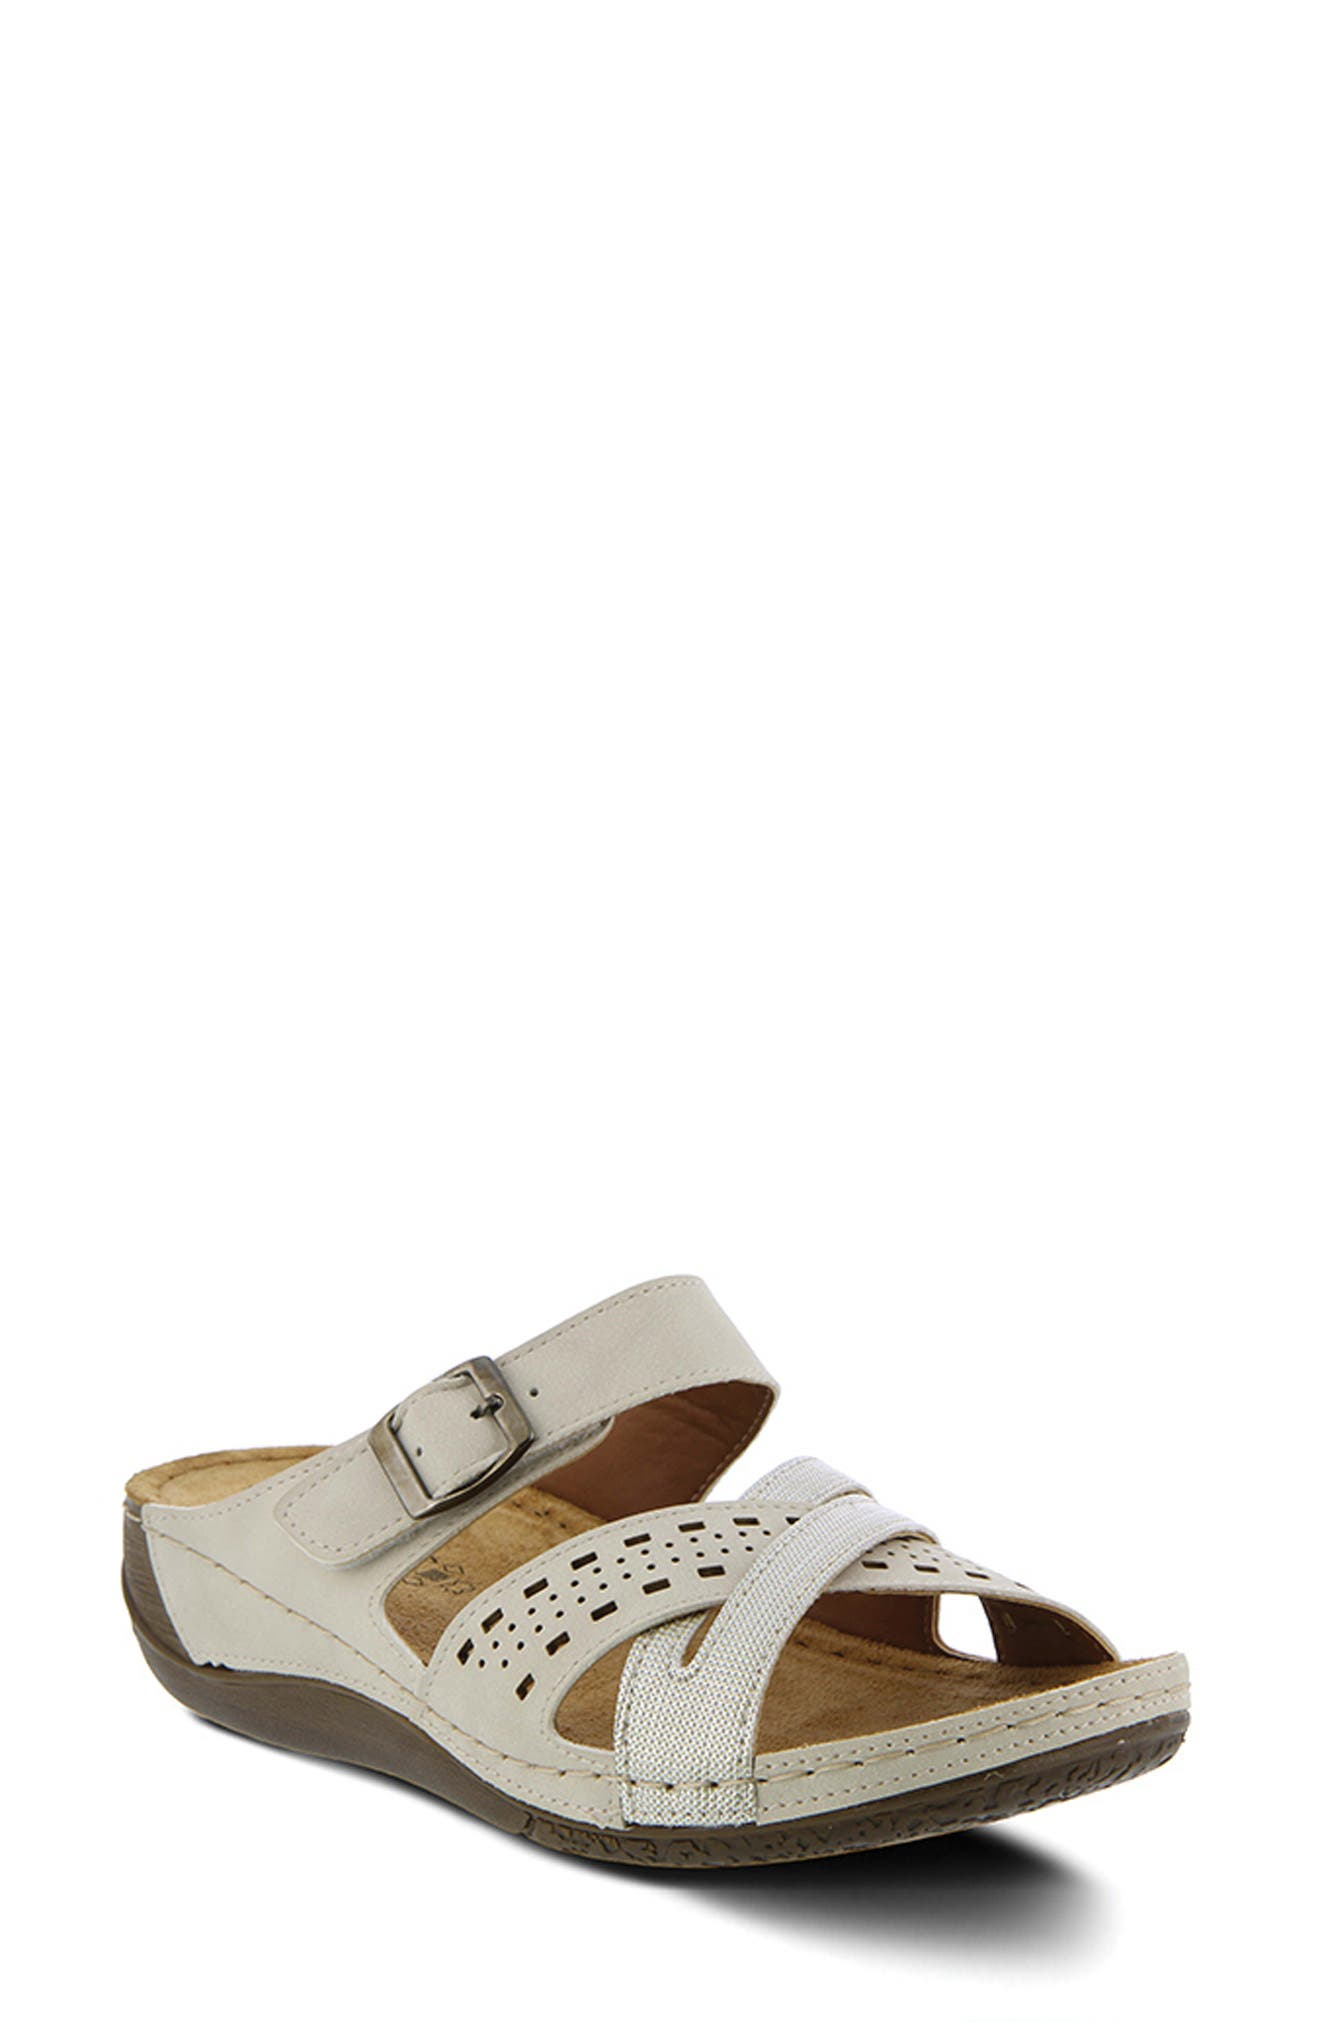 Denia Slide Sandal